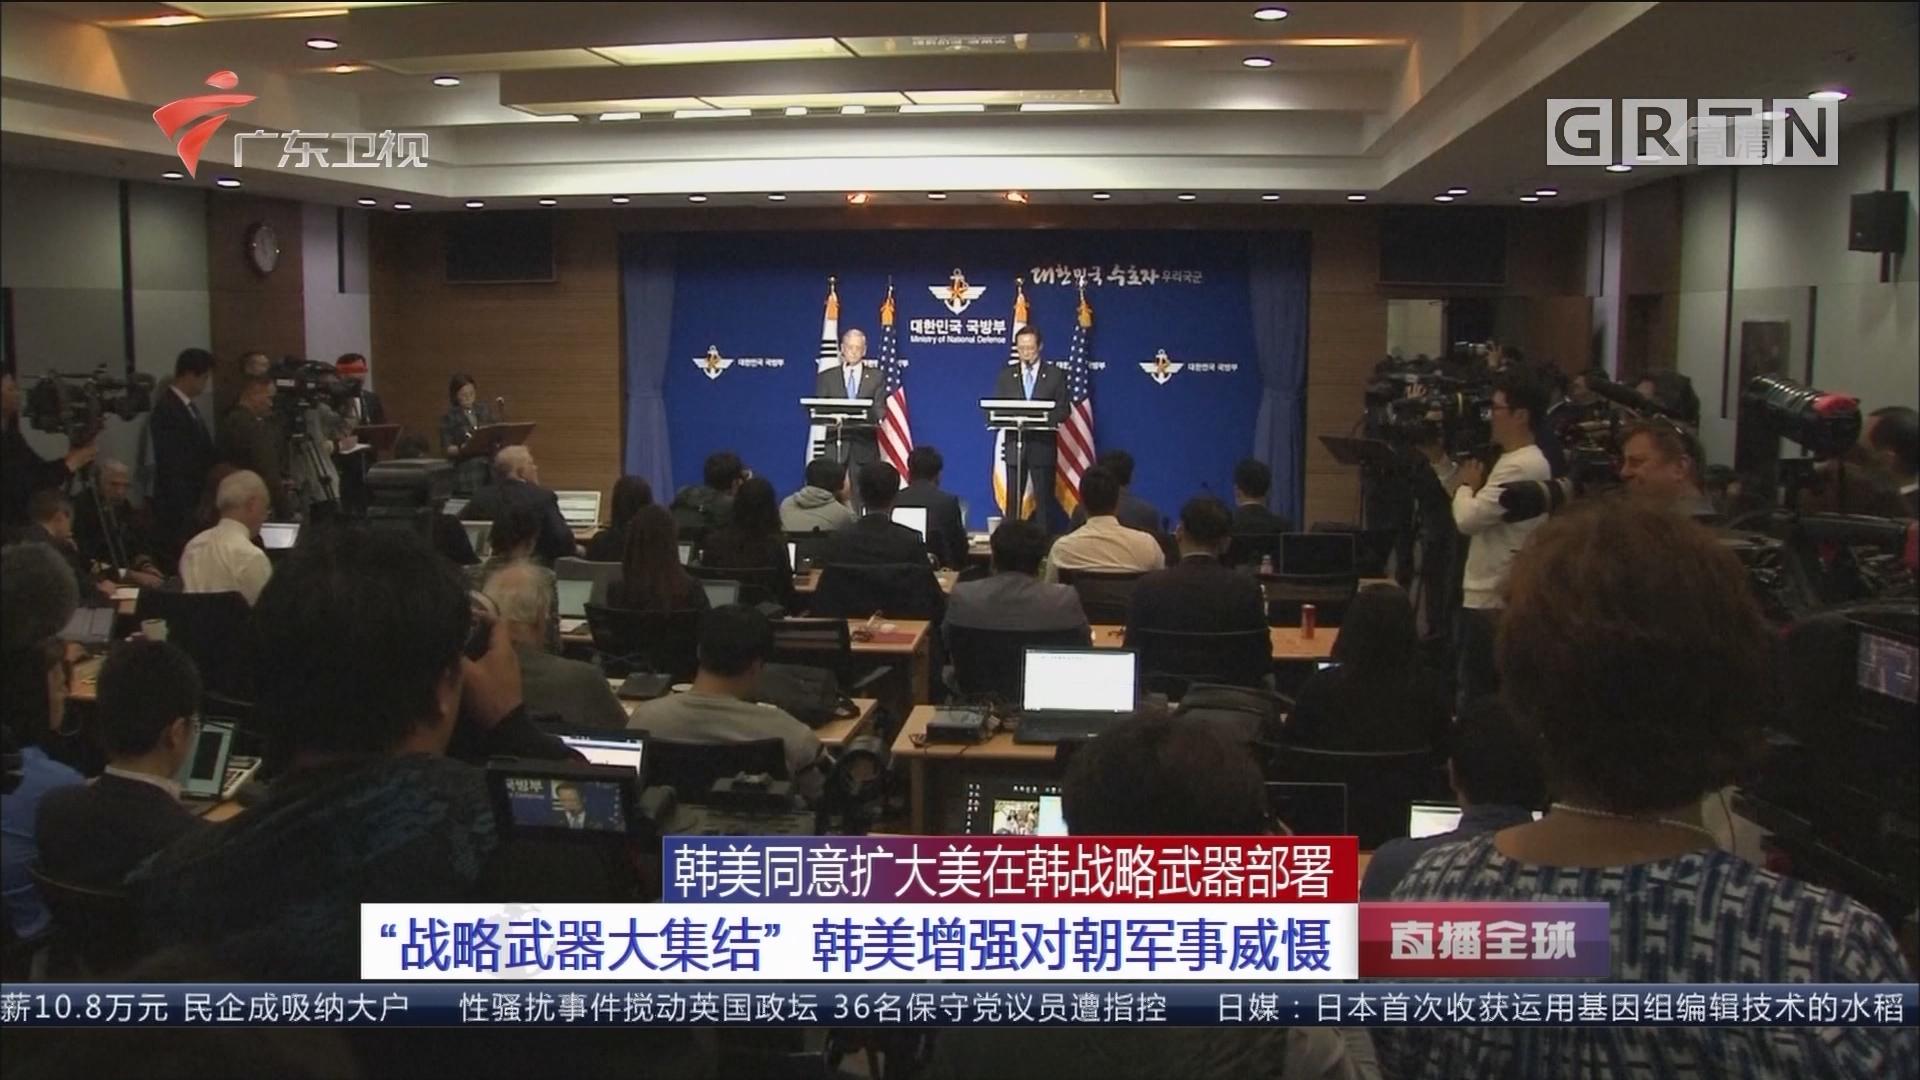 """韩美同意扩大美在韩战略武器部署 """"战略武器大集结"""" 韩美增强对朝军事威慑"""